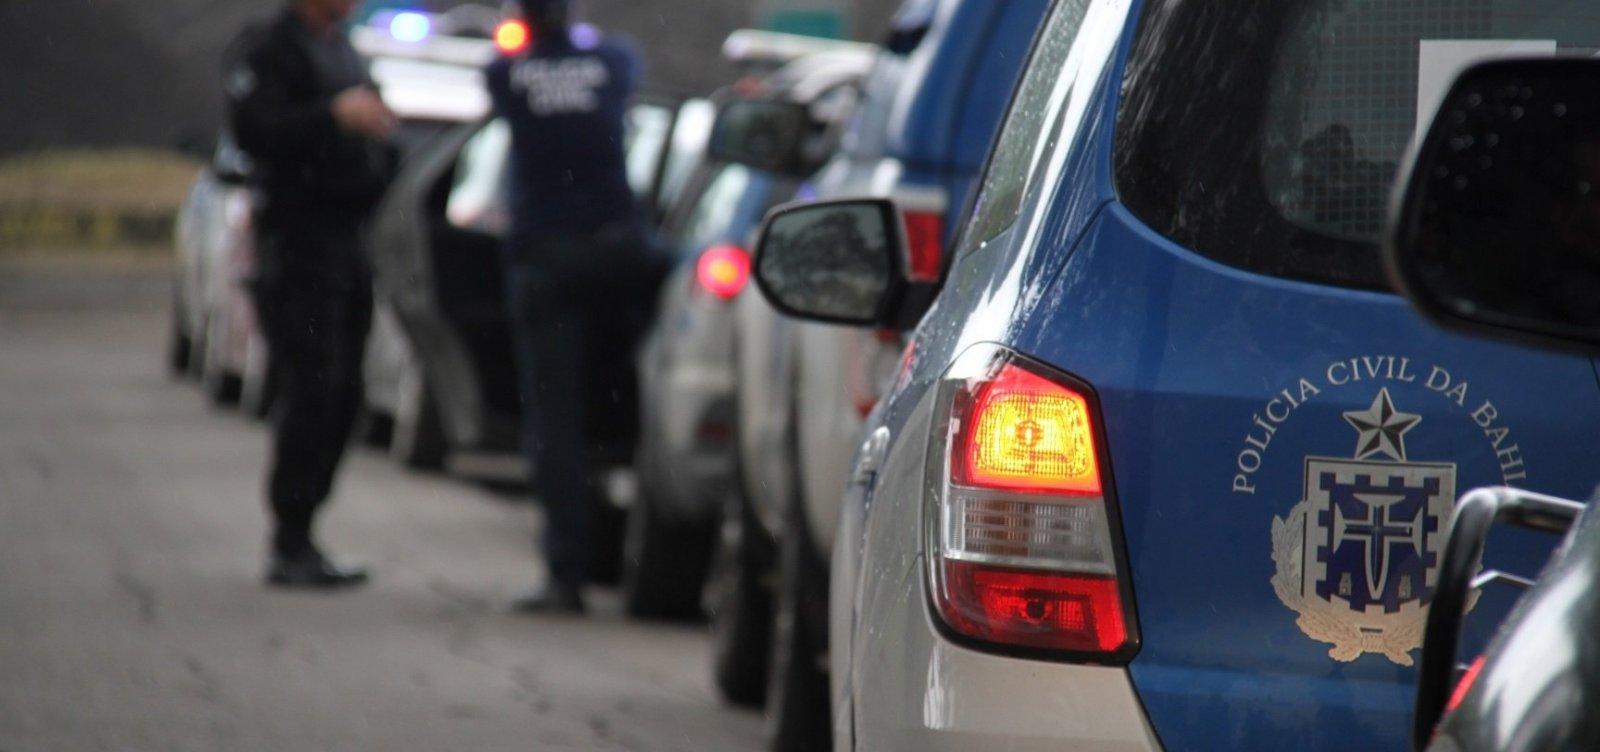 Ação nacional da Polícia Civil prende 69 suspeitos na Bahia